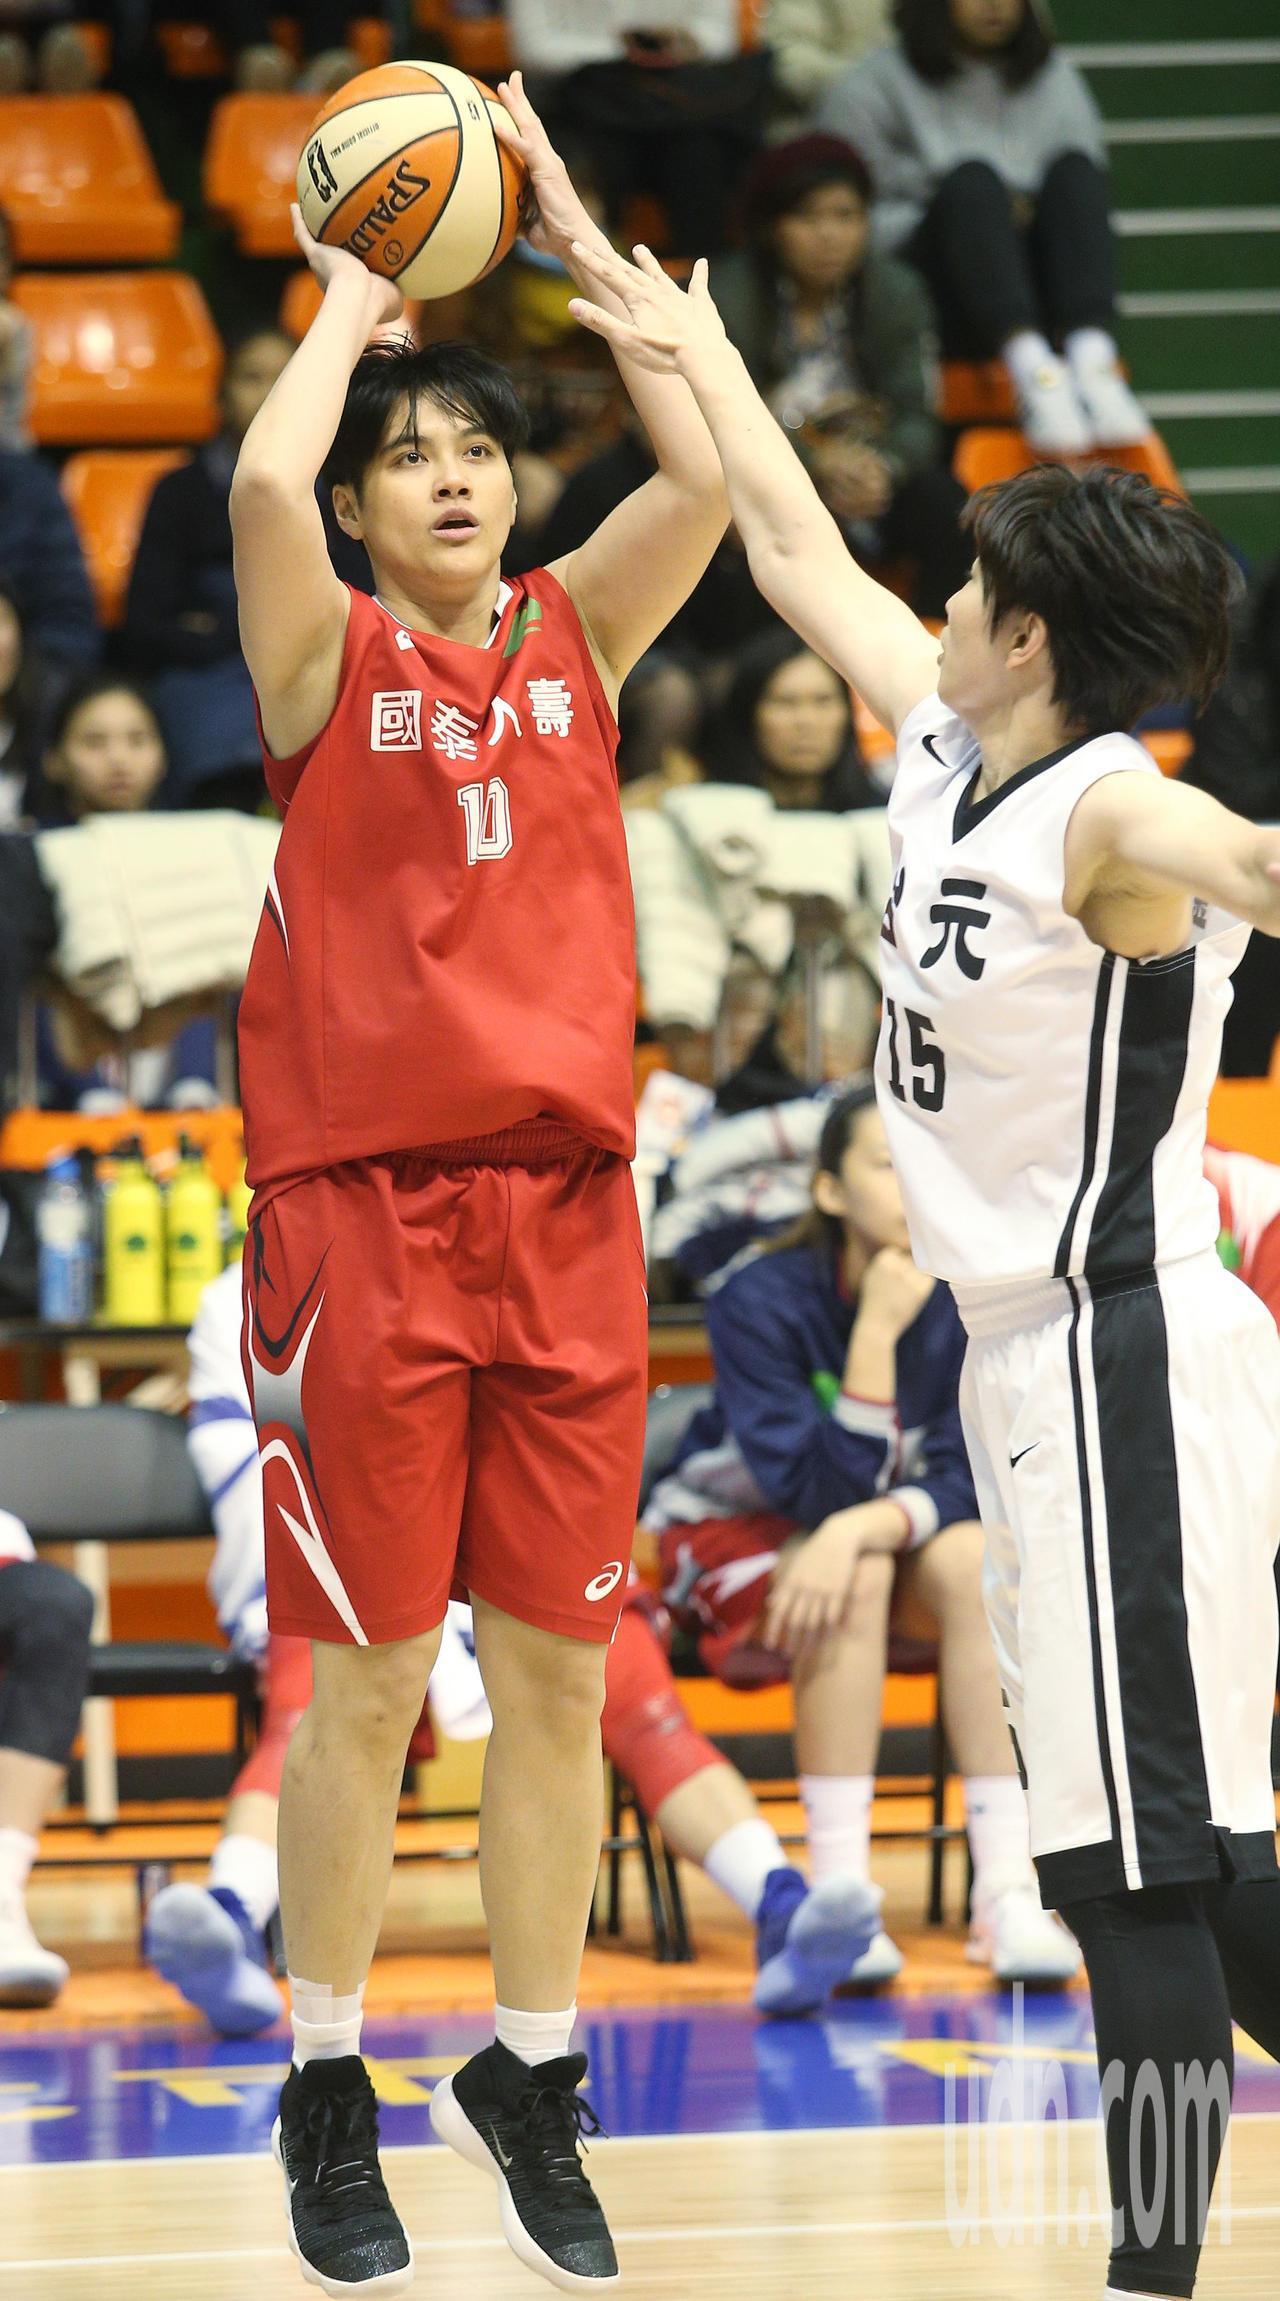 WSBL\ 國泰人壽出戰台元,國泰人壽李宥叡(左)外線跳投。記者陳正興/攝影